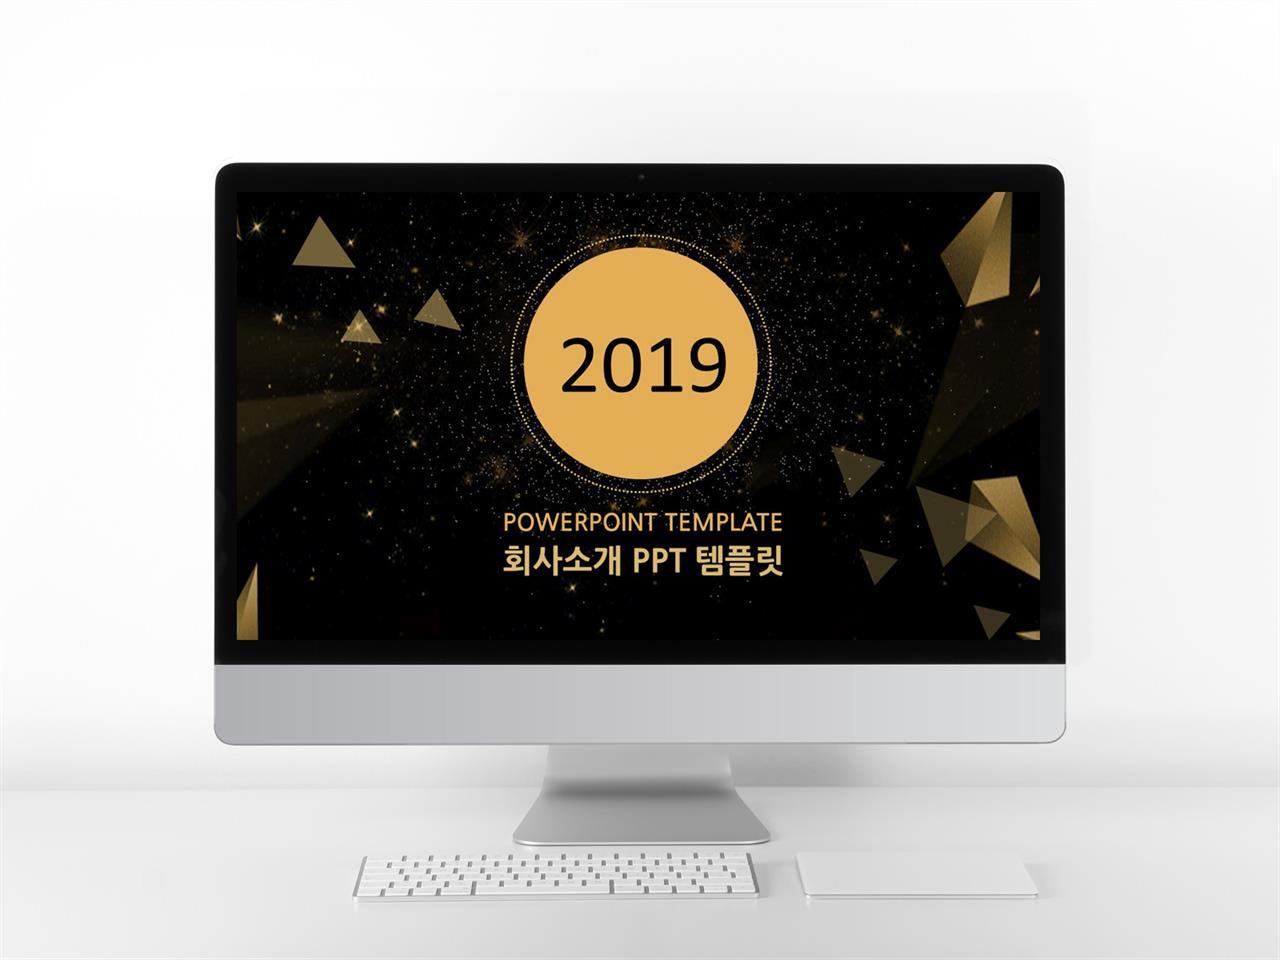 회사소개 노란색 어둑어둑한 매력적인 피피티템플릿 제작 미리보기